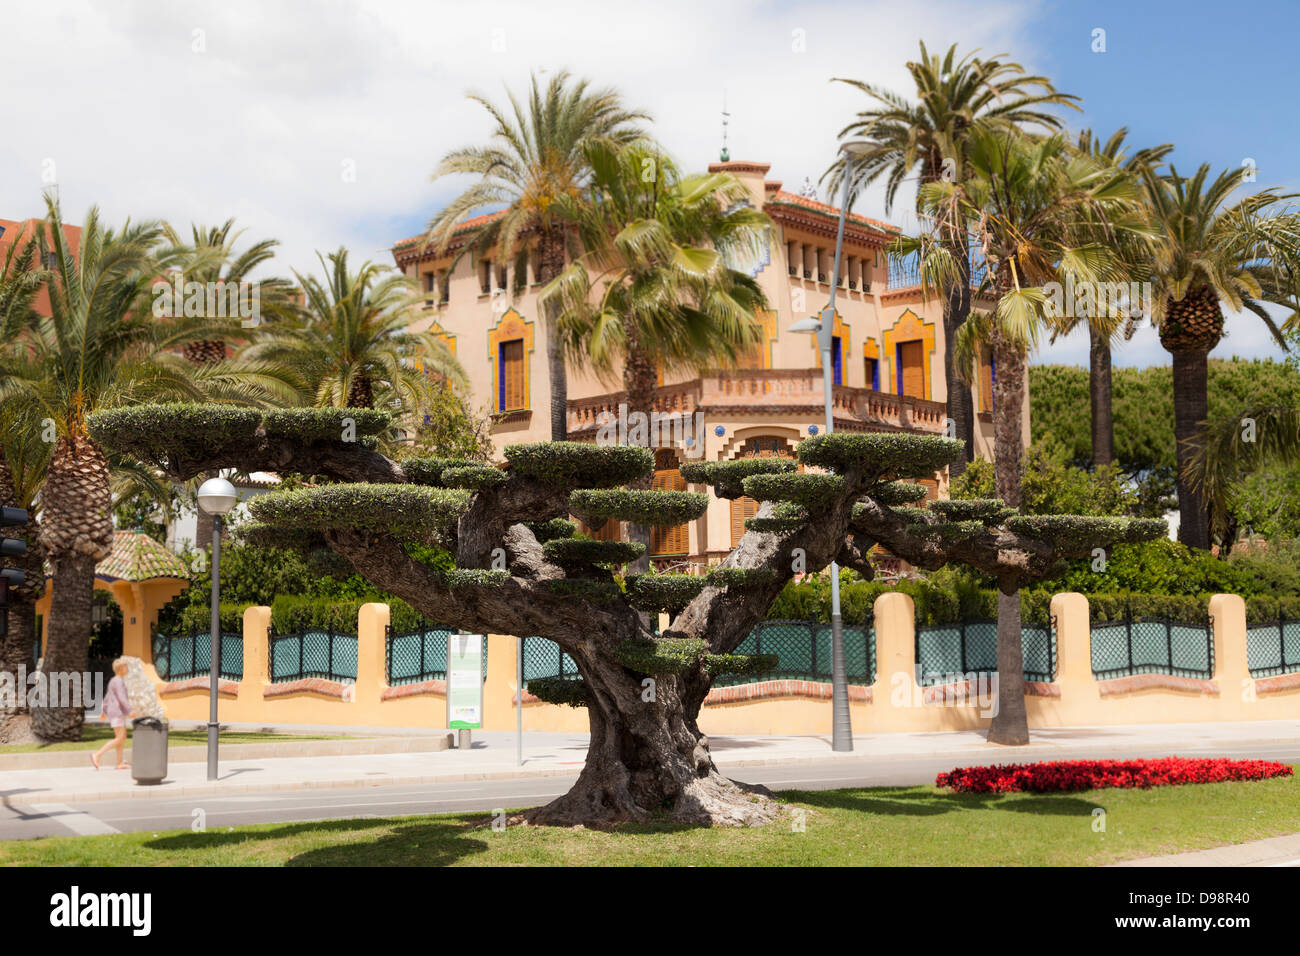 Arbre topiaire et xalet bonet construit par Ciriac Bonet la fin de l'architecture moderniste à Salou Espagne Photo Stock